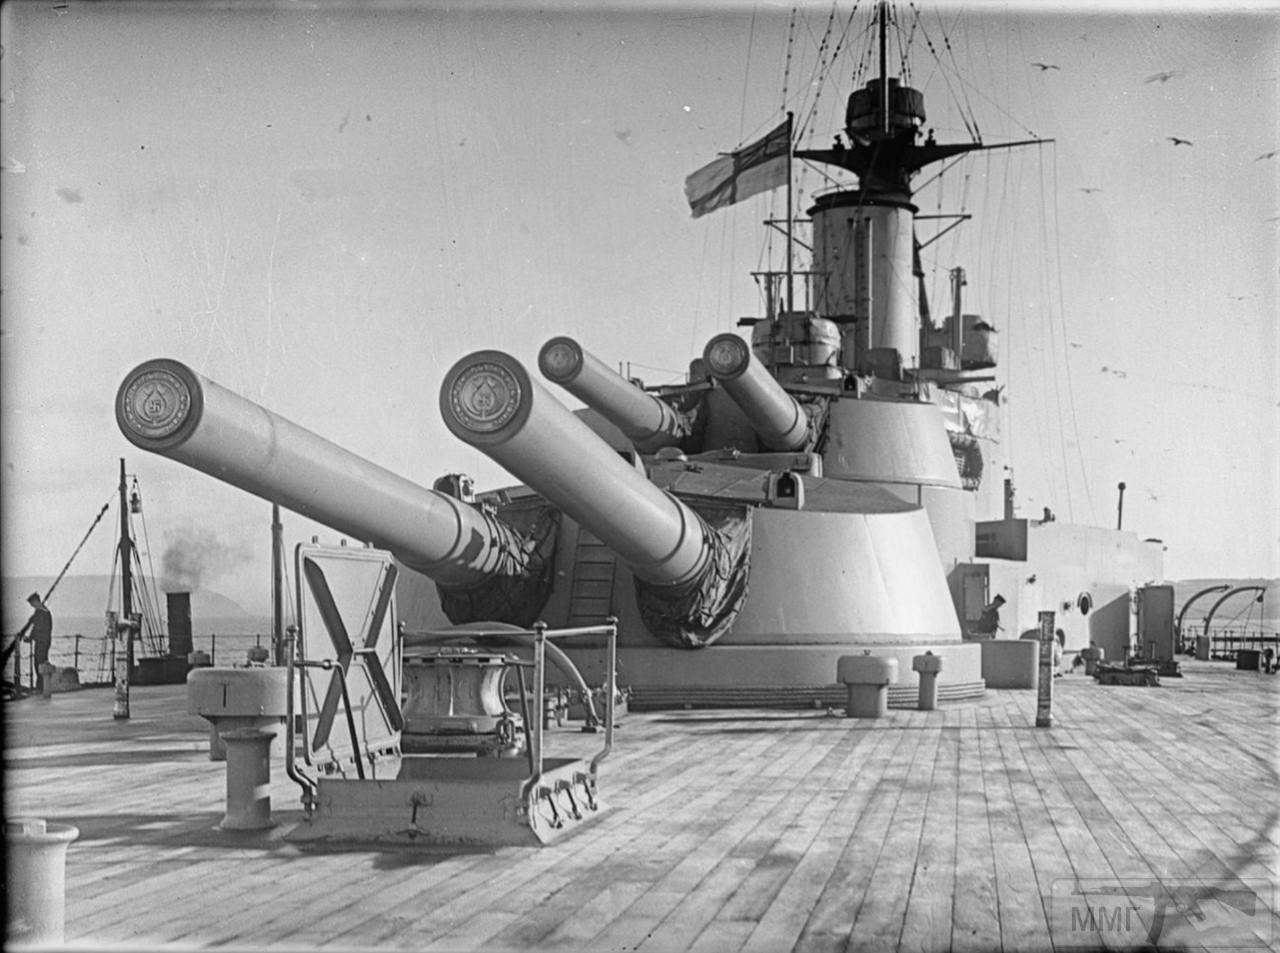 37118 - HMS Emperor of India